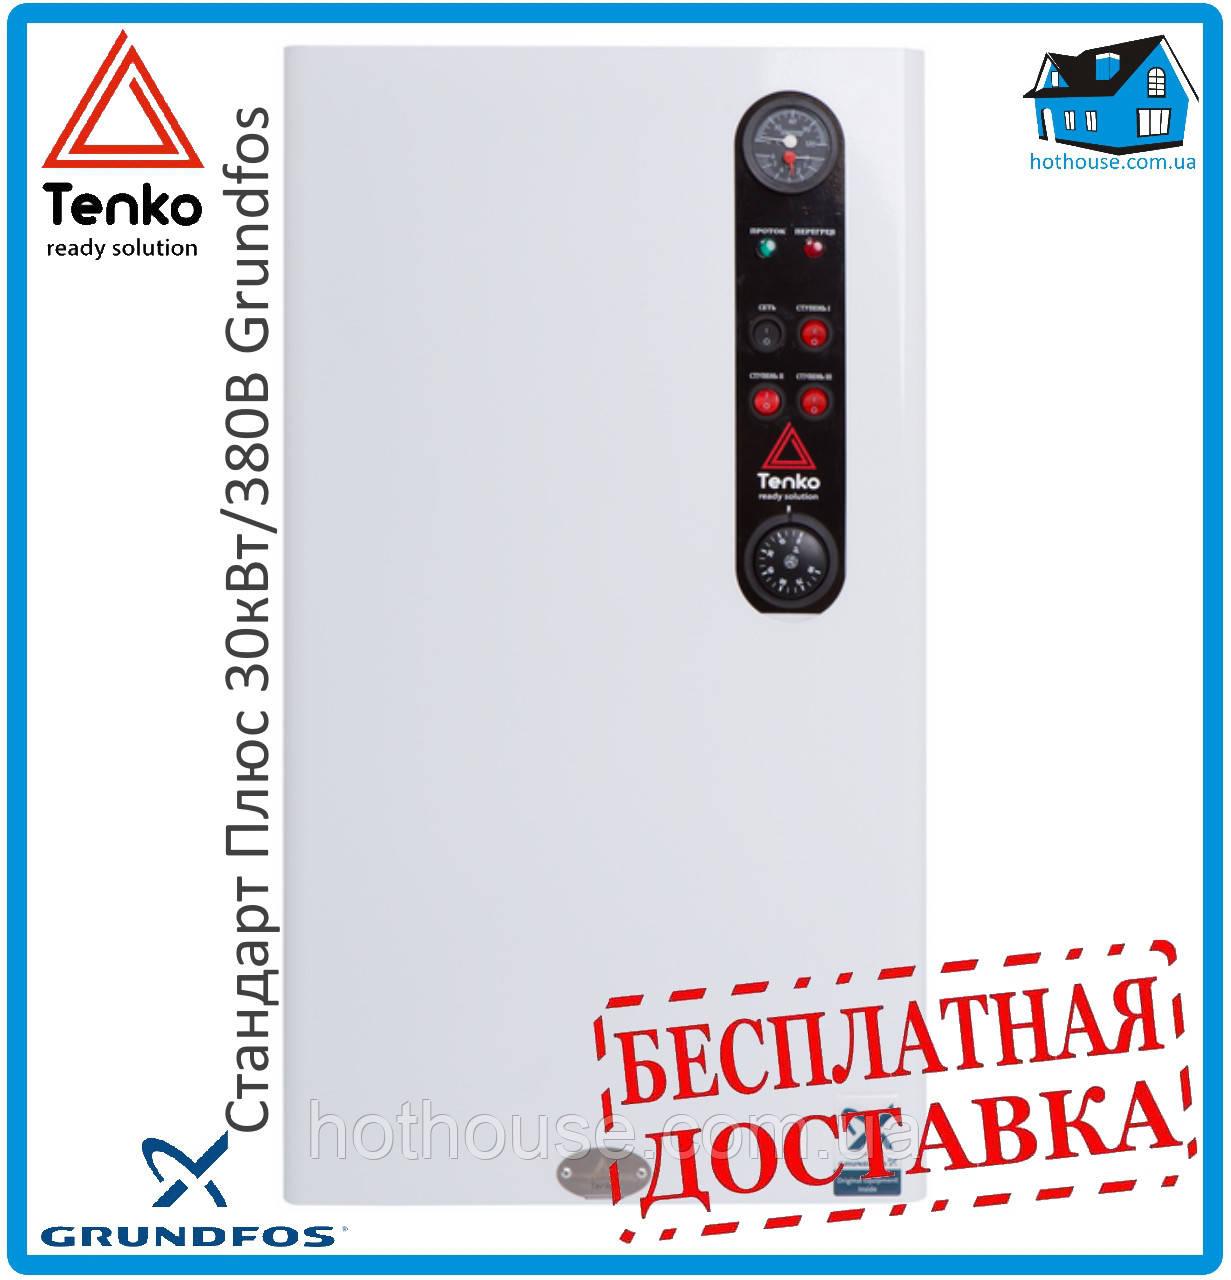 """Электрический котел ТЭНКО (TENKO) """"Стандарт Плюс"""" (СПКЕ) 30 кВт/380 В тенко (насос+расш. бак+безопасность)"""